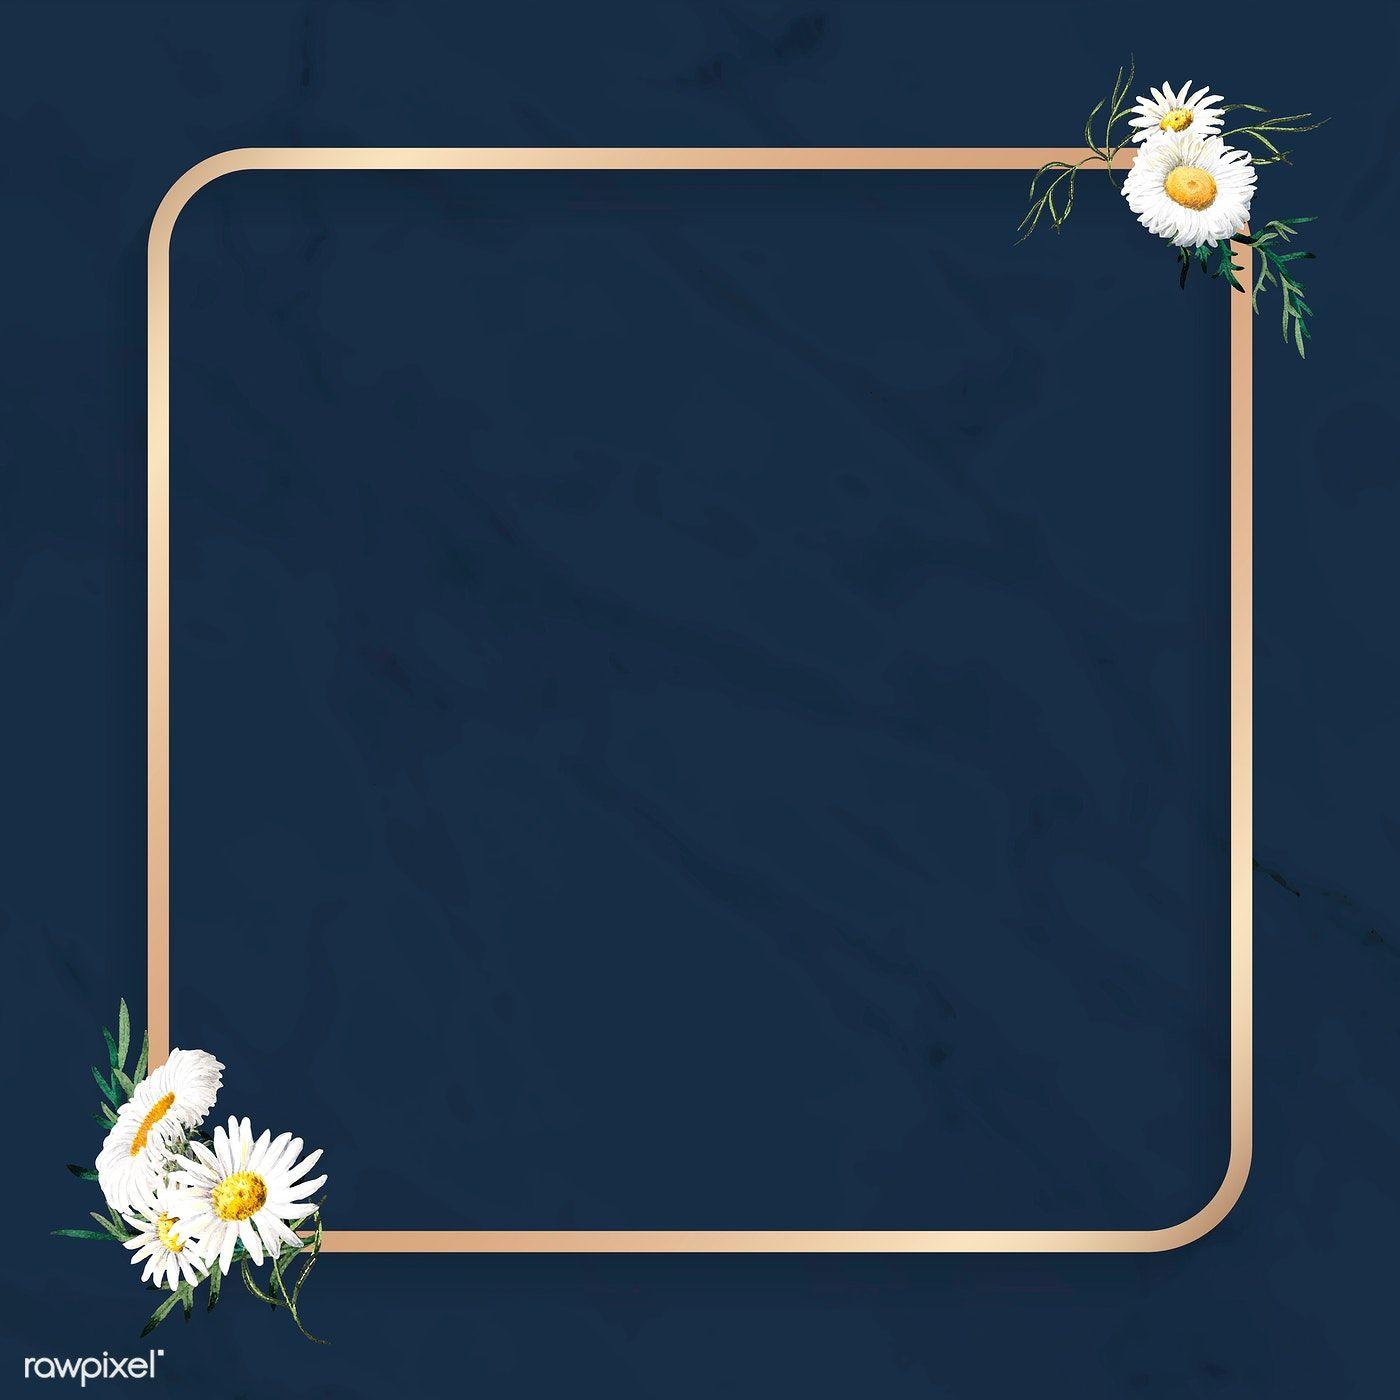 Download Premium Vector Of Blank Floral Square Frame Vector 1208802 Poster Background Design Floral Border Design Floral Squares